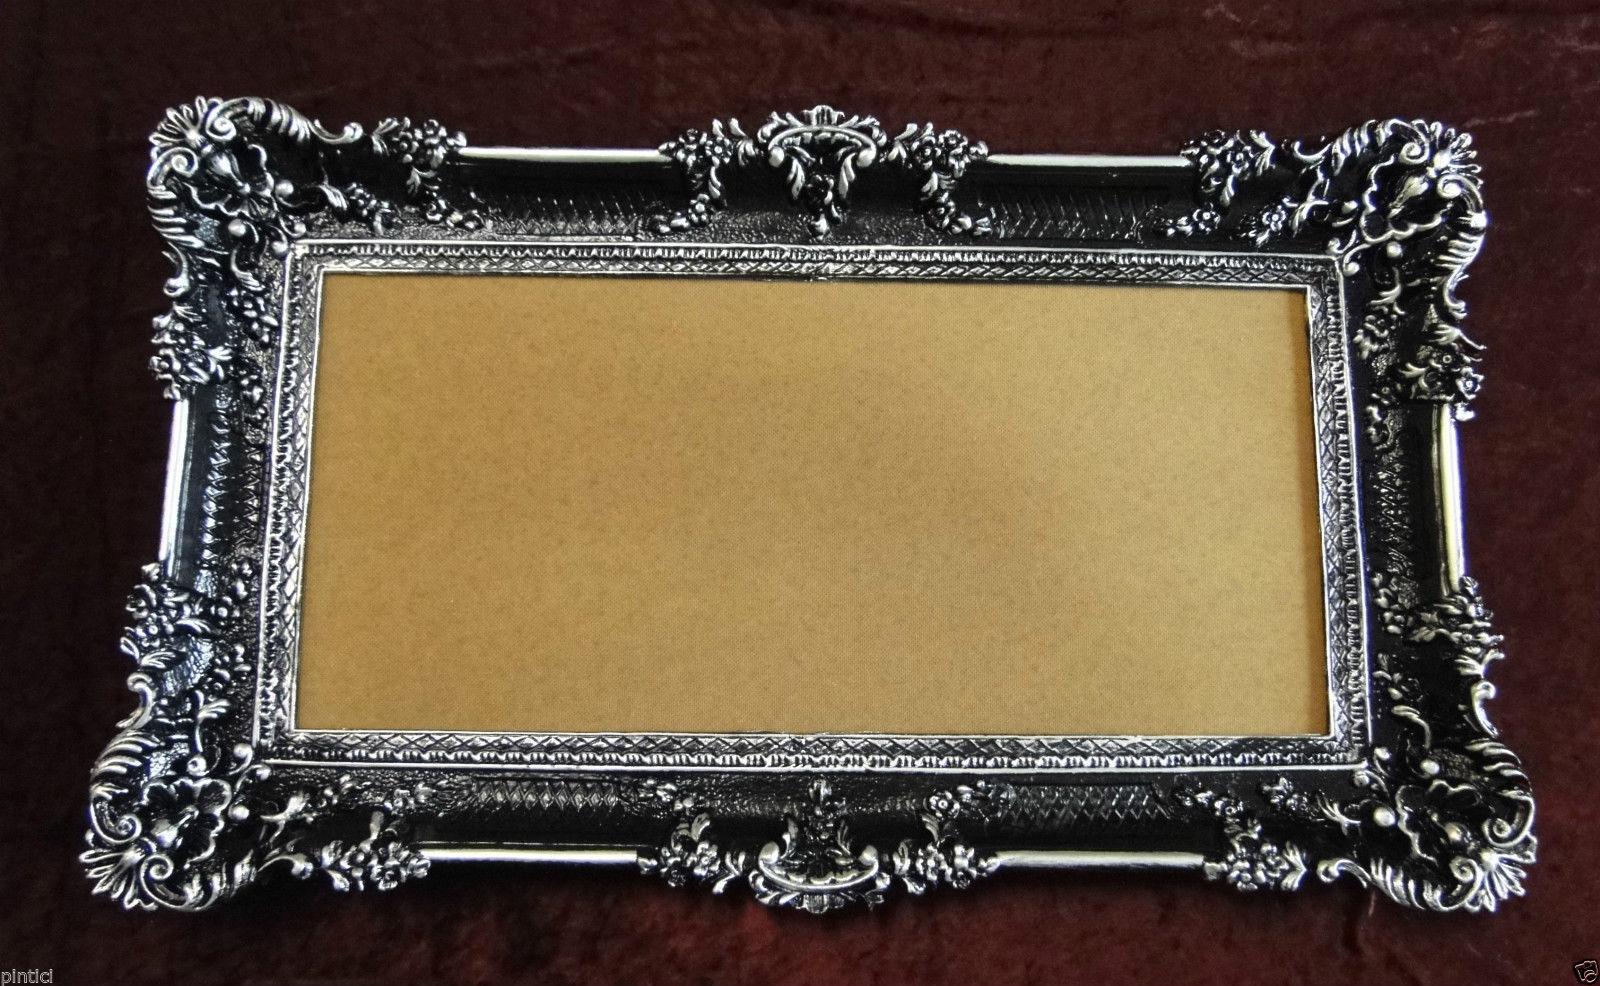 bilderrahmen schwarz silber barock 96x57 gem lde rahmen antik fotorahmen 3074 kaufen bei. Black Bedroom Furniture Sets. Home Design Ideas